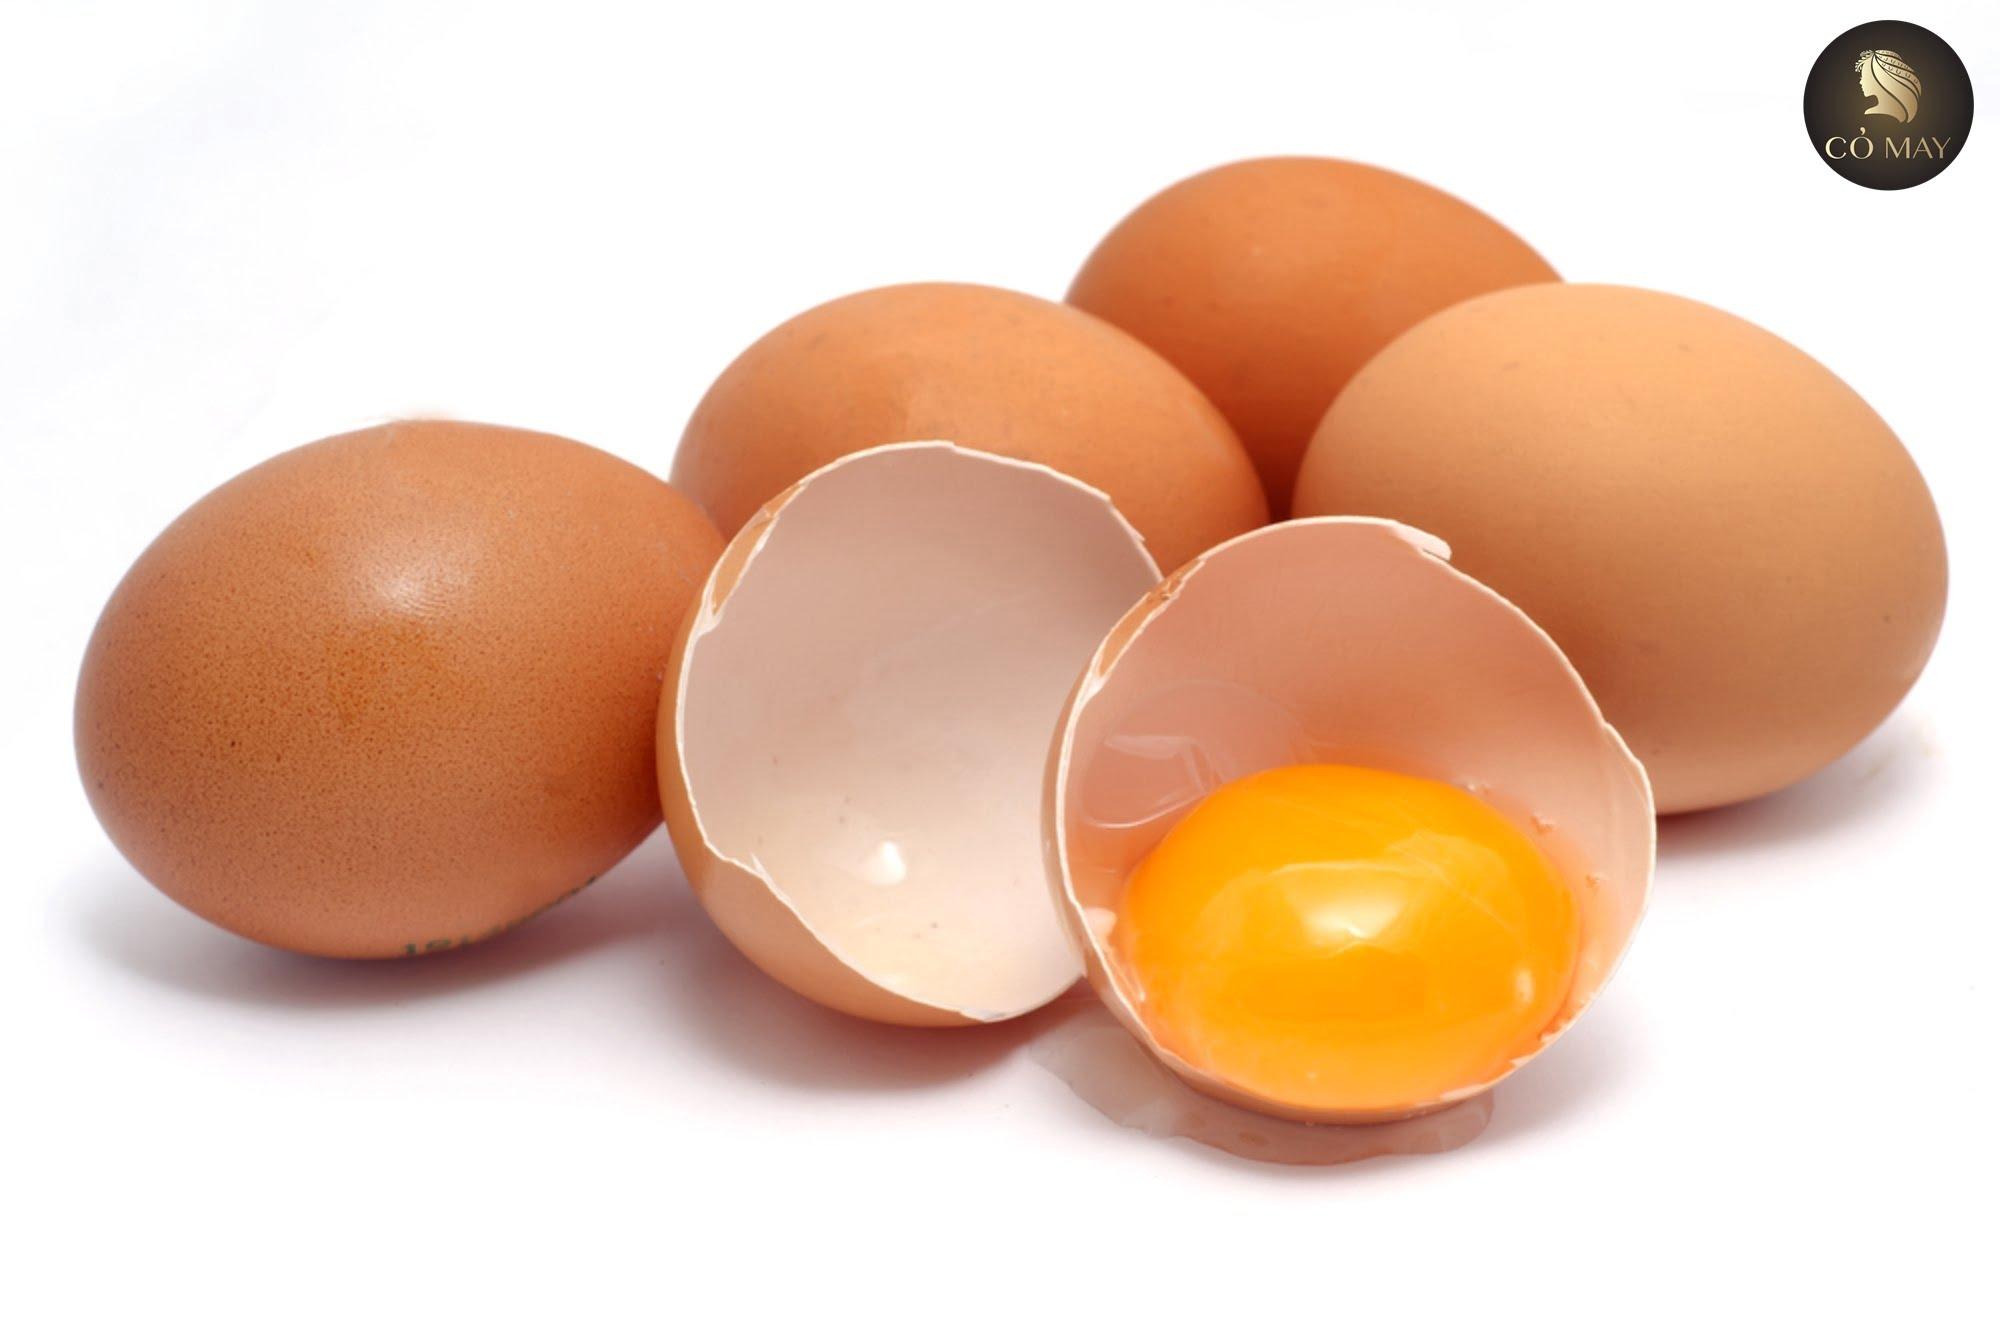 Tóc mọc nhanh và dày với combo trứng gà và dầu dừa